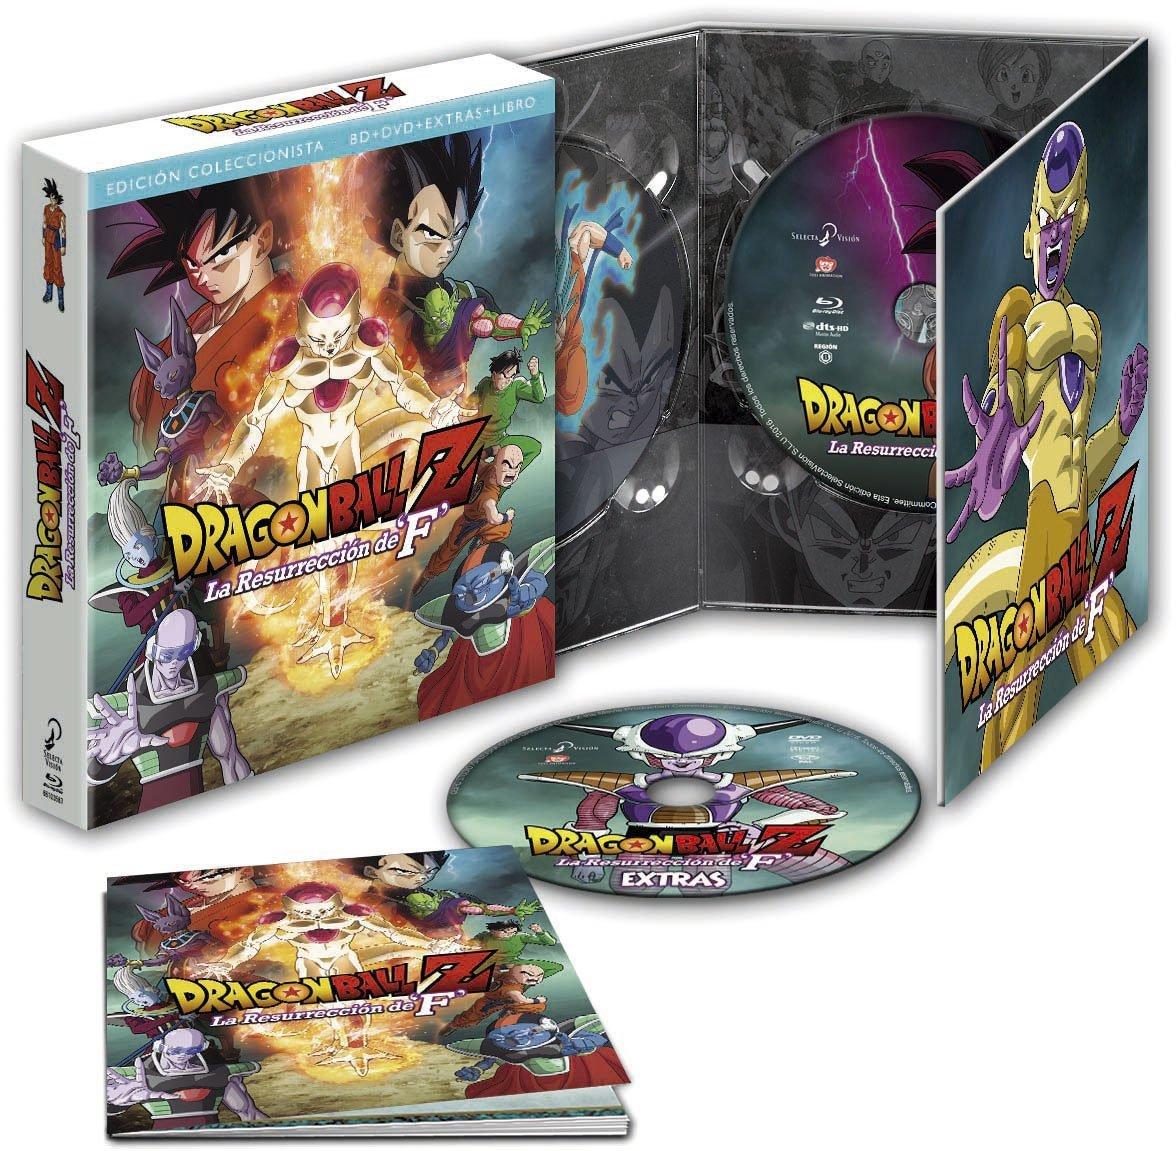 Dragon Ball Z La Resurreción de F BD Coleccionistas